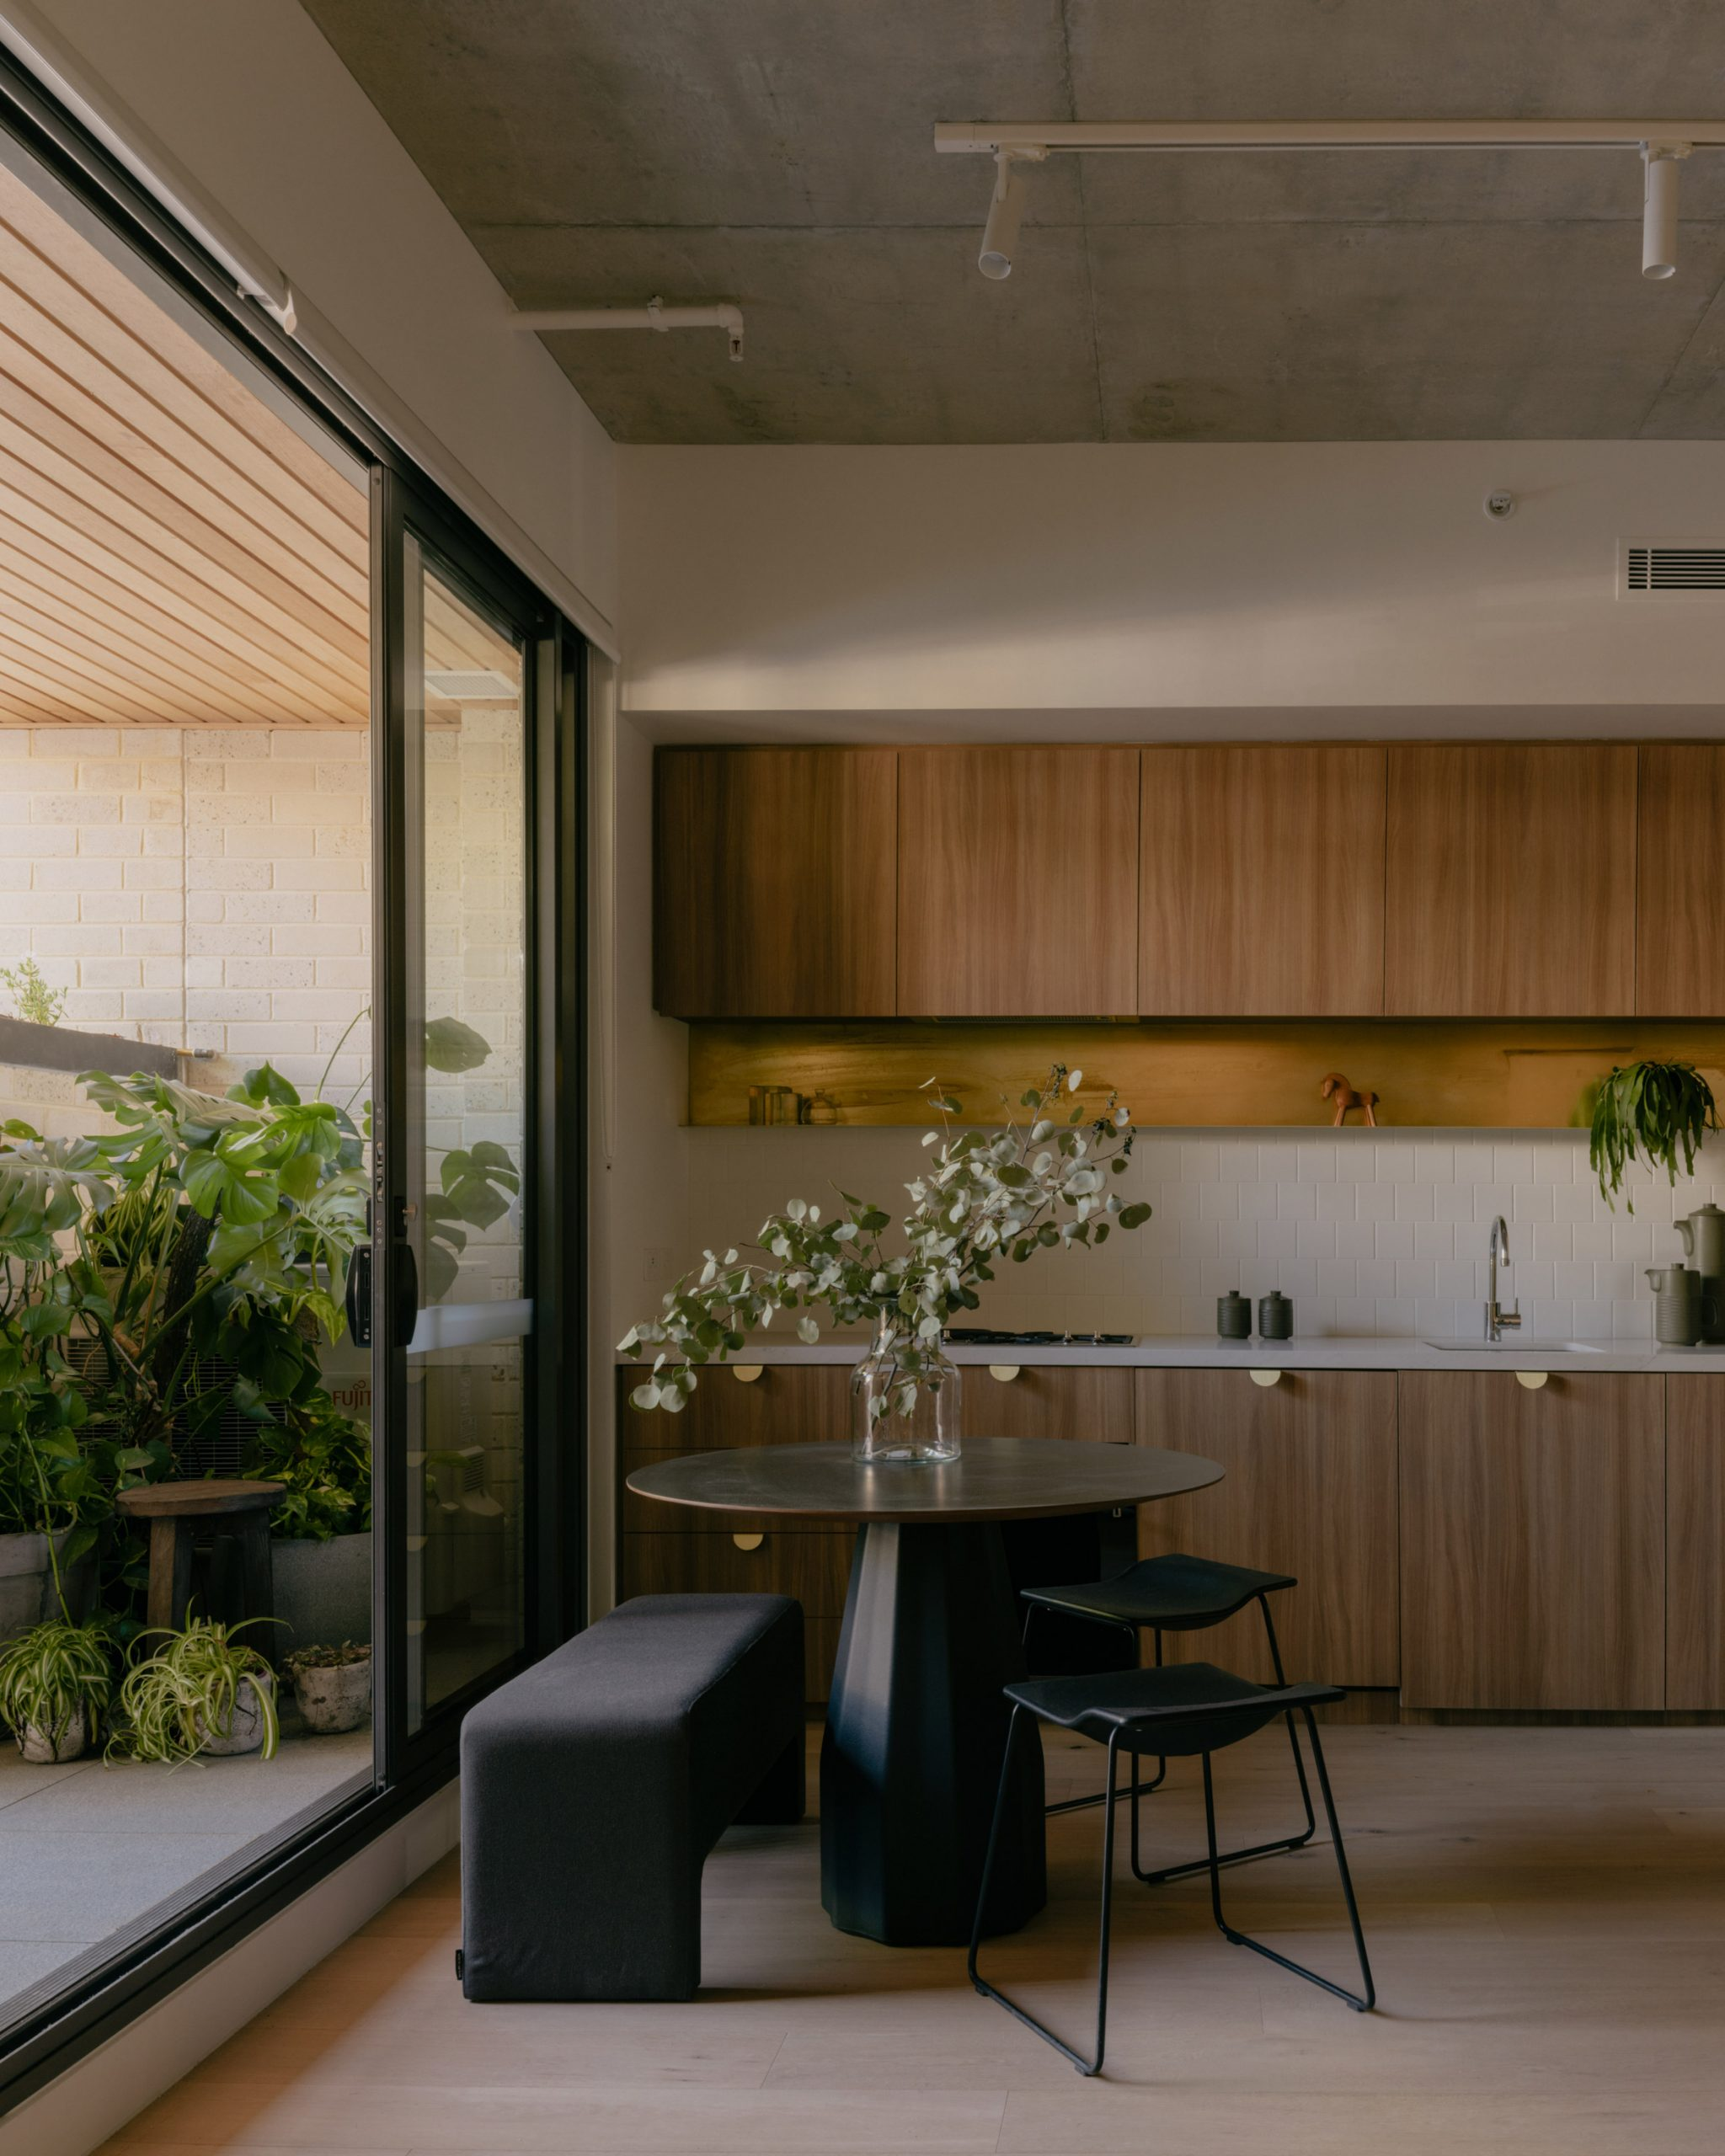 Kitchens of Napier Street apartments by Freadman White